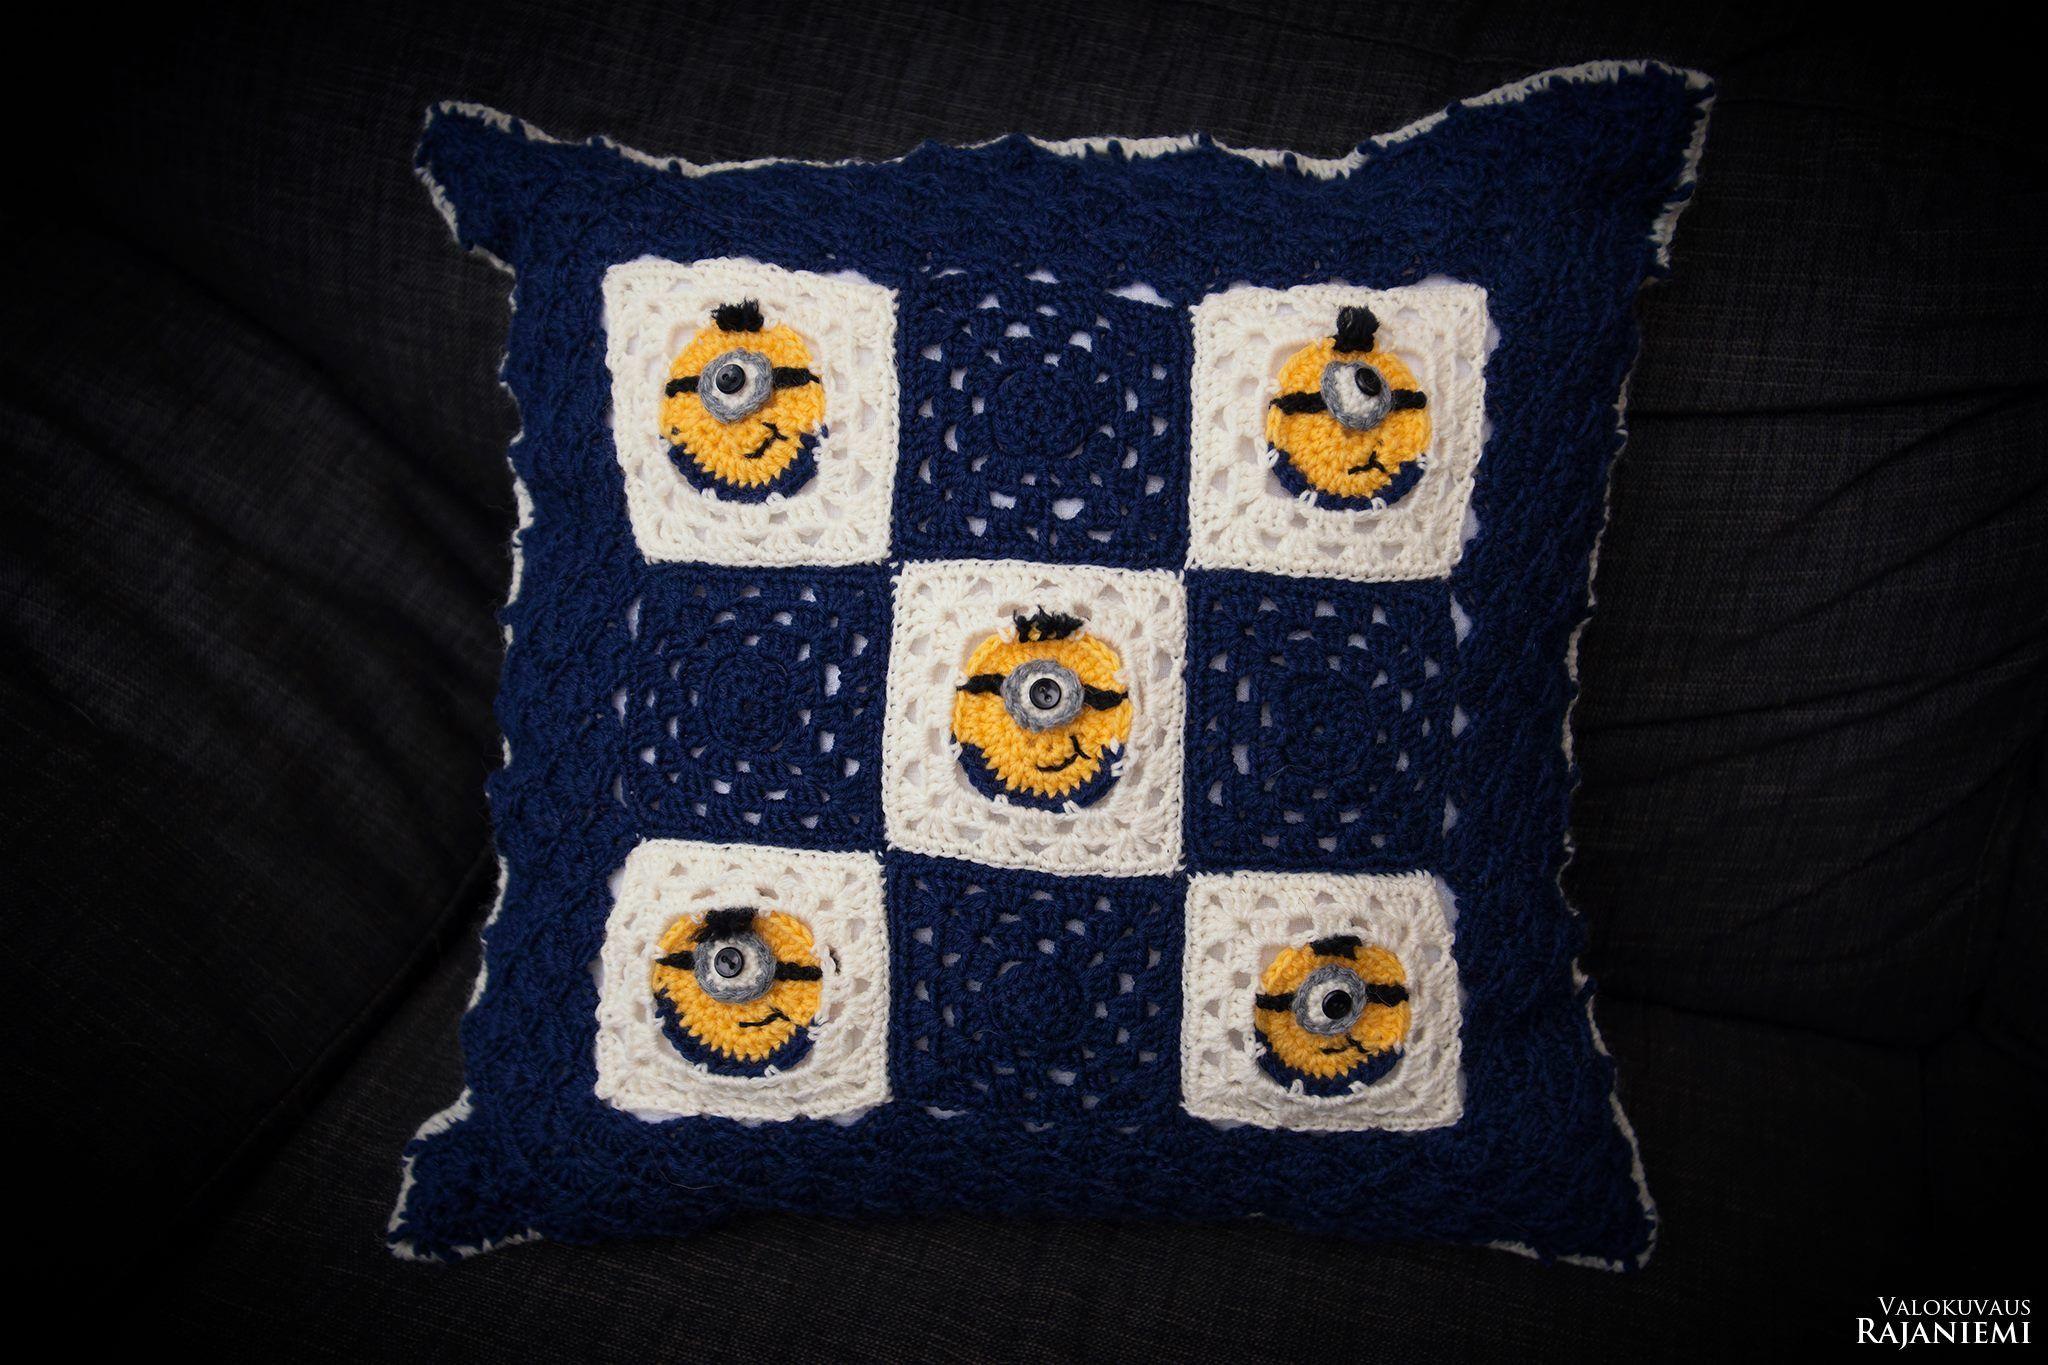 Crochet Minions pillow | Crochet Crafts | Pinterest